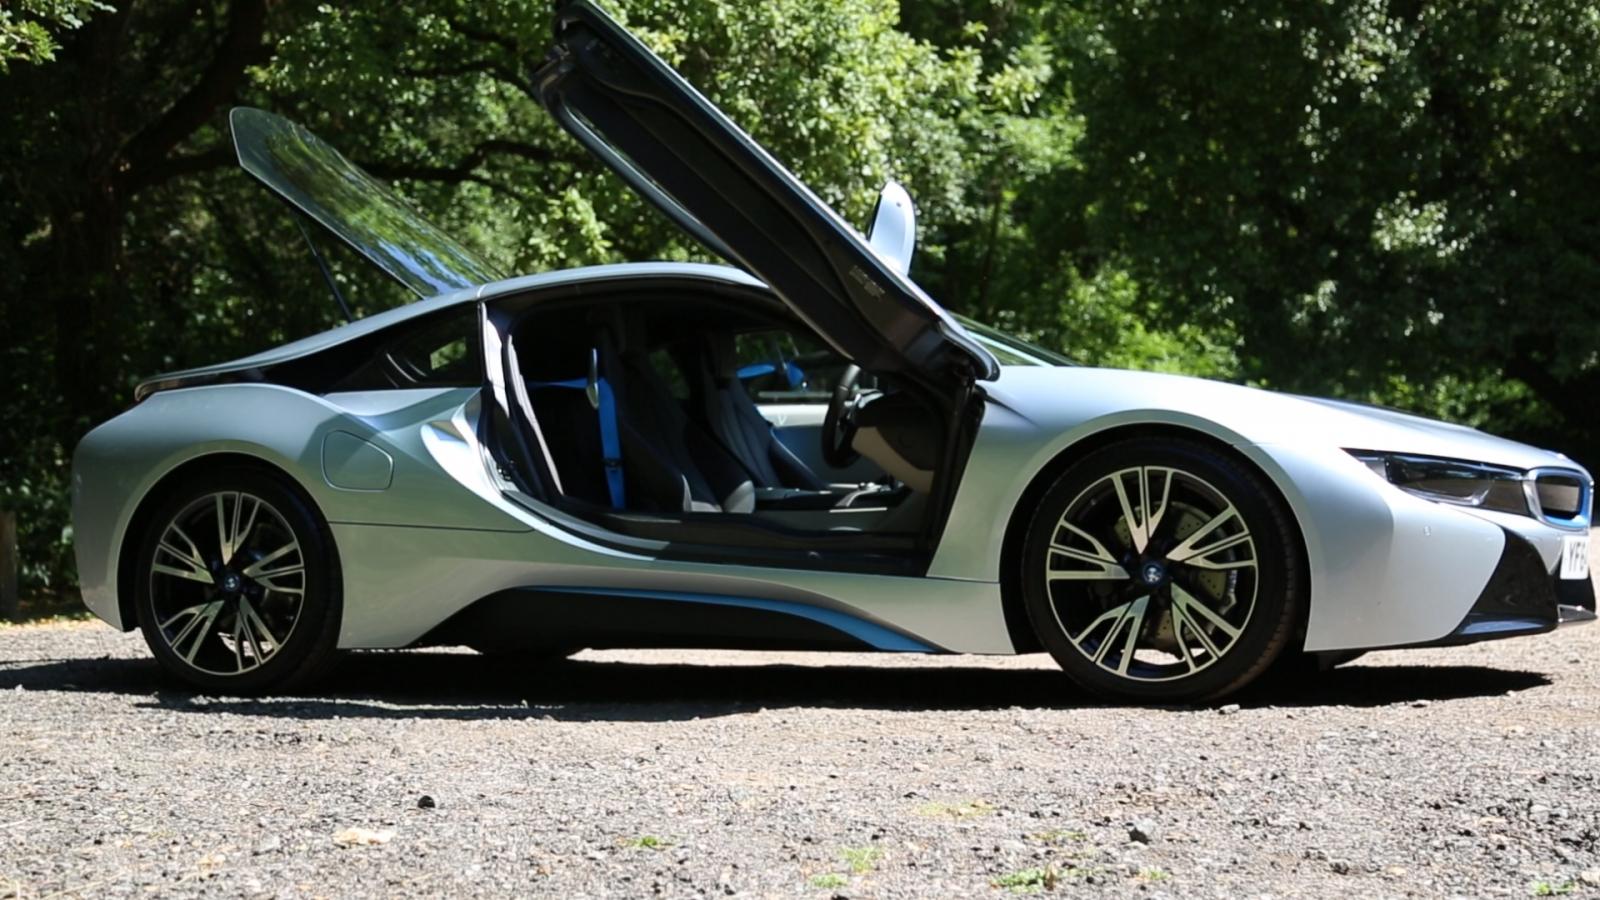 BMW i8 sound system